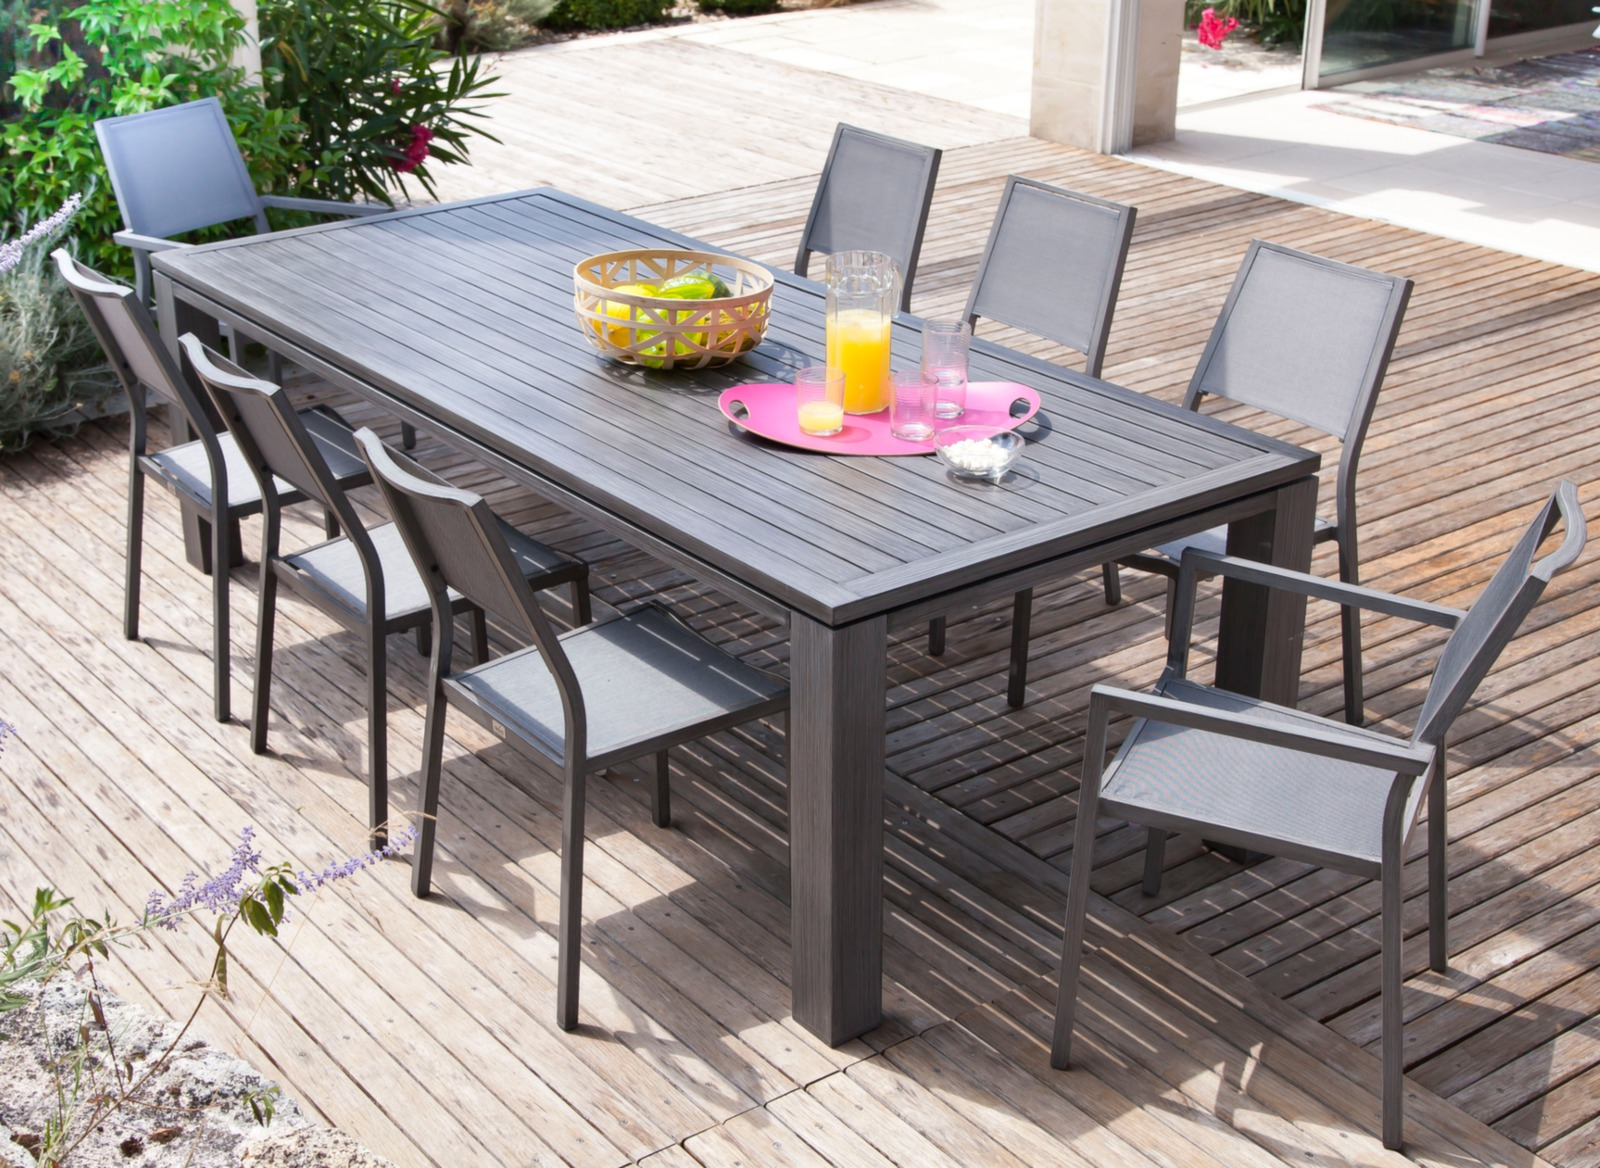 Salon de jardin cabourg 1 table + 4 chaises + 2 fauteuils